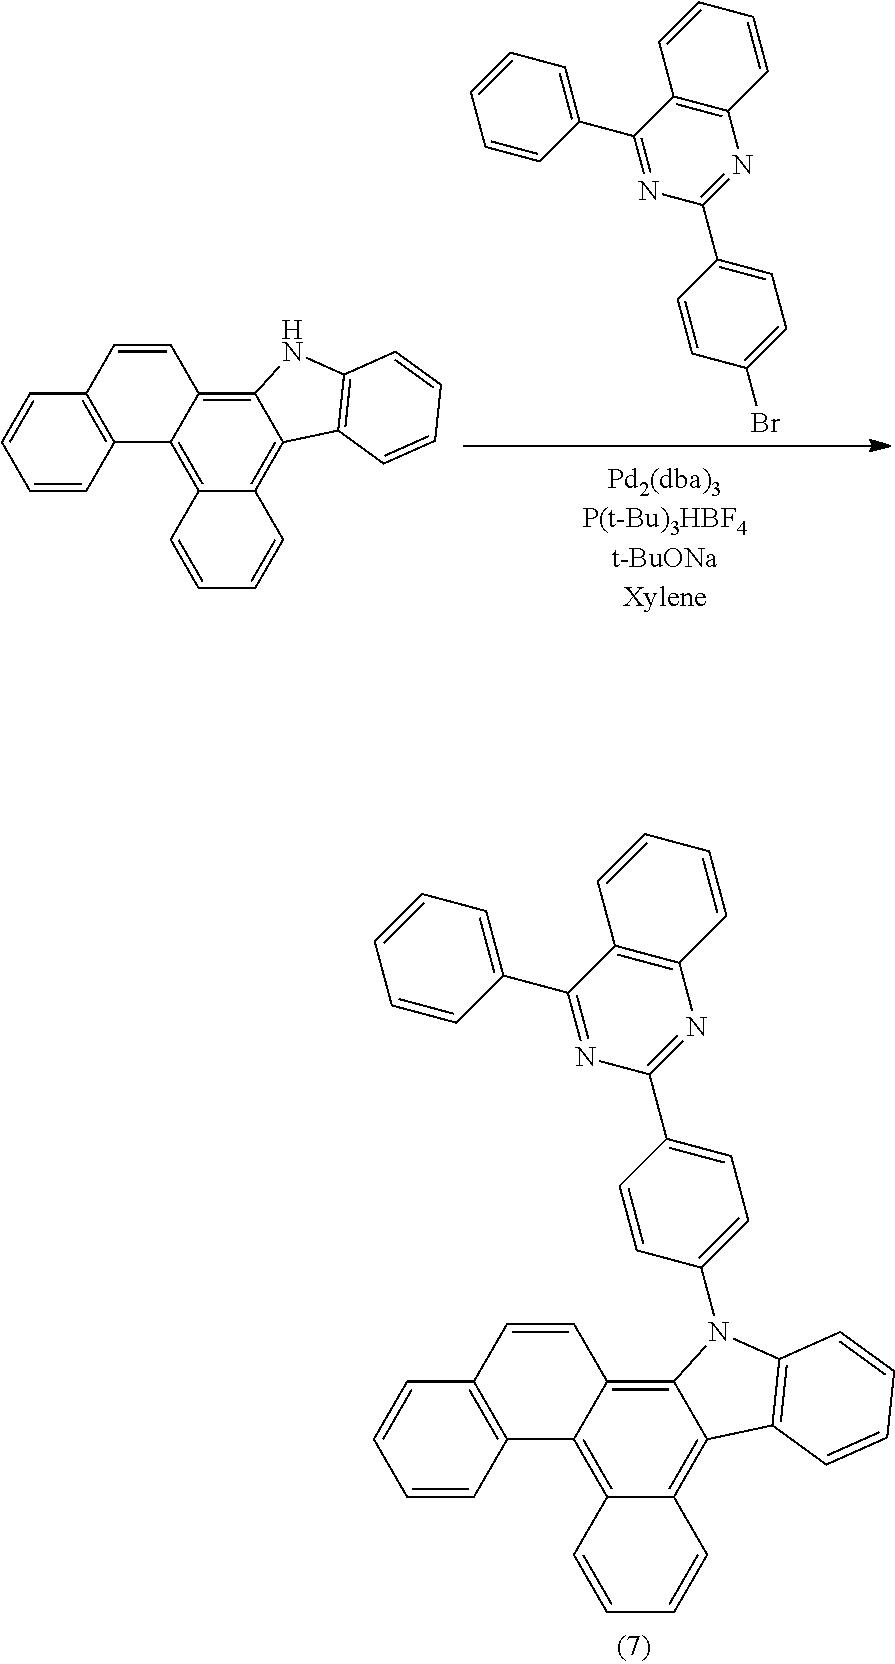 Figure US09837615-20171205-C00145